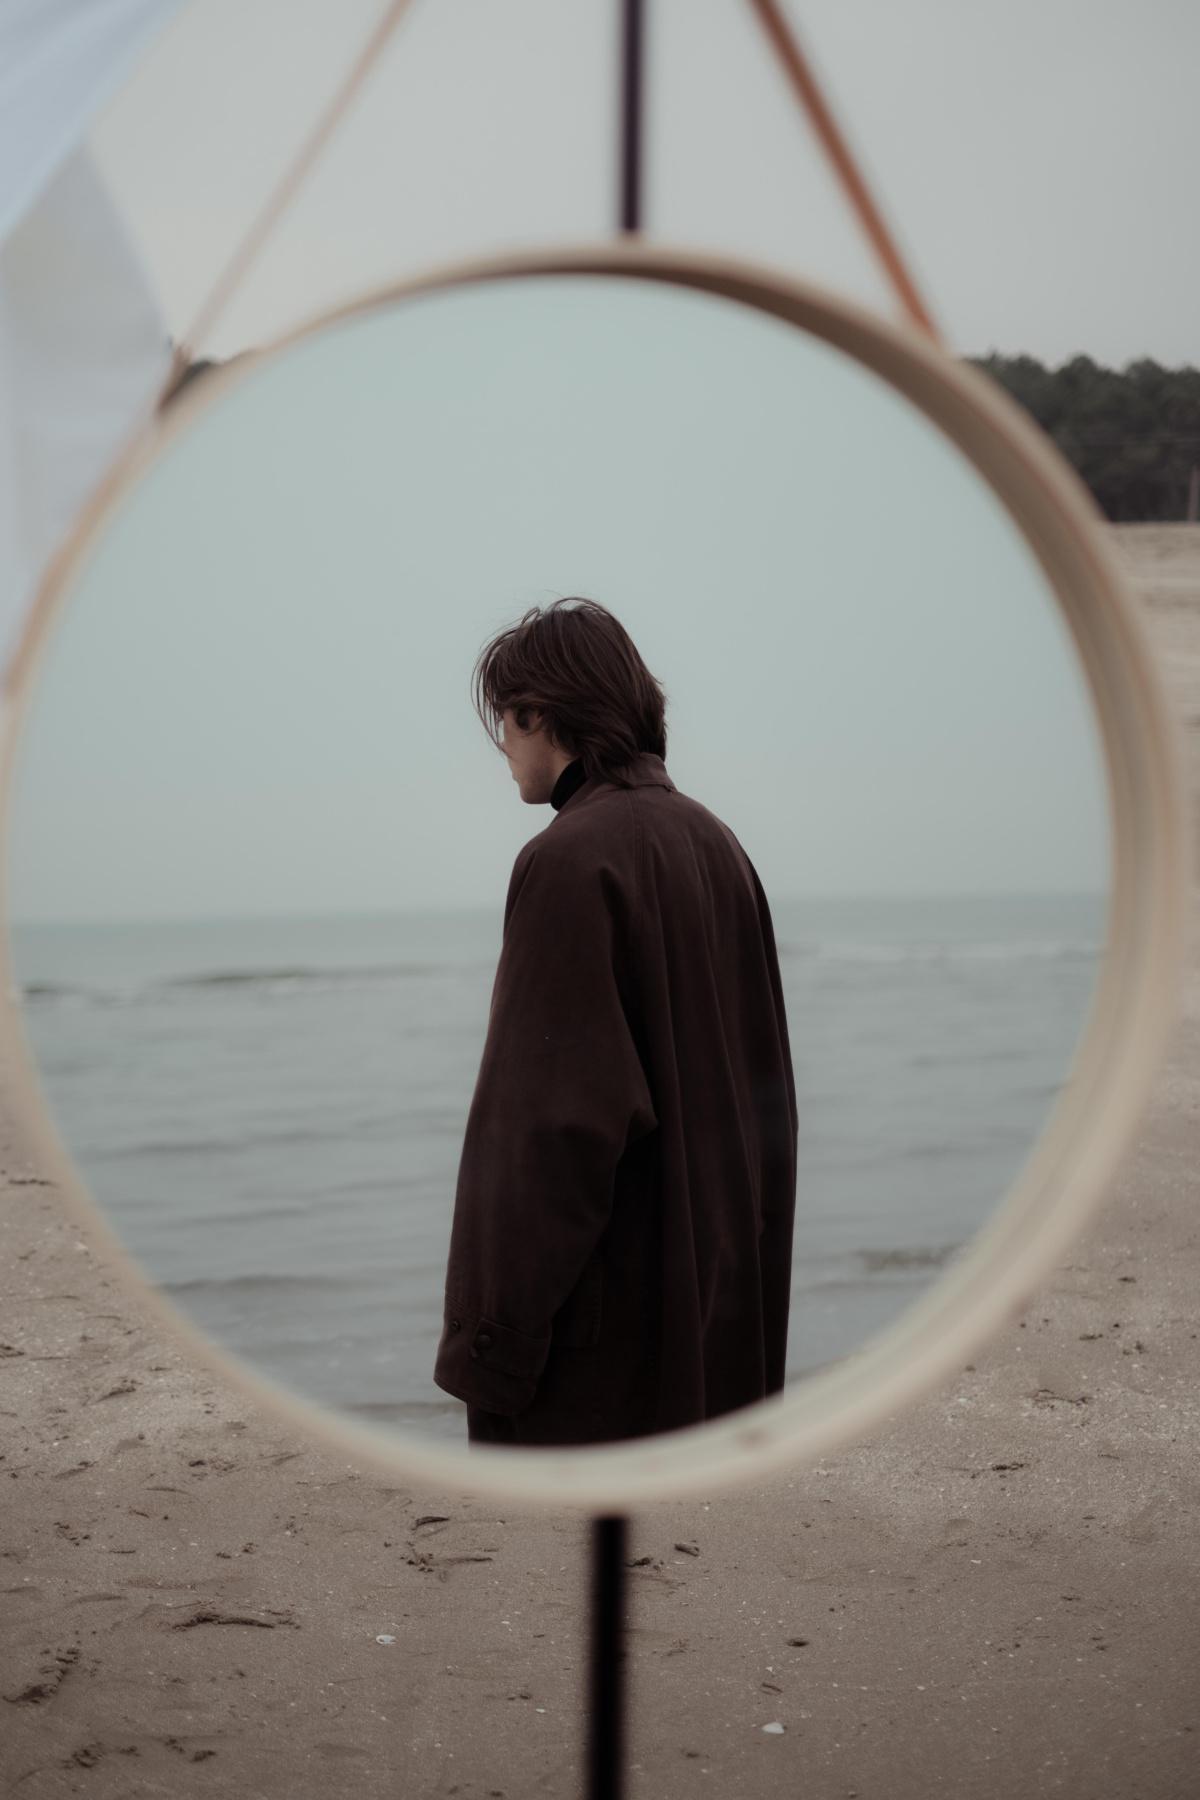 Der Mensch im Spiegel